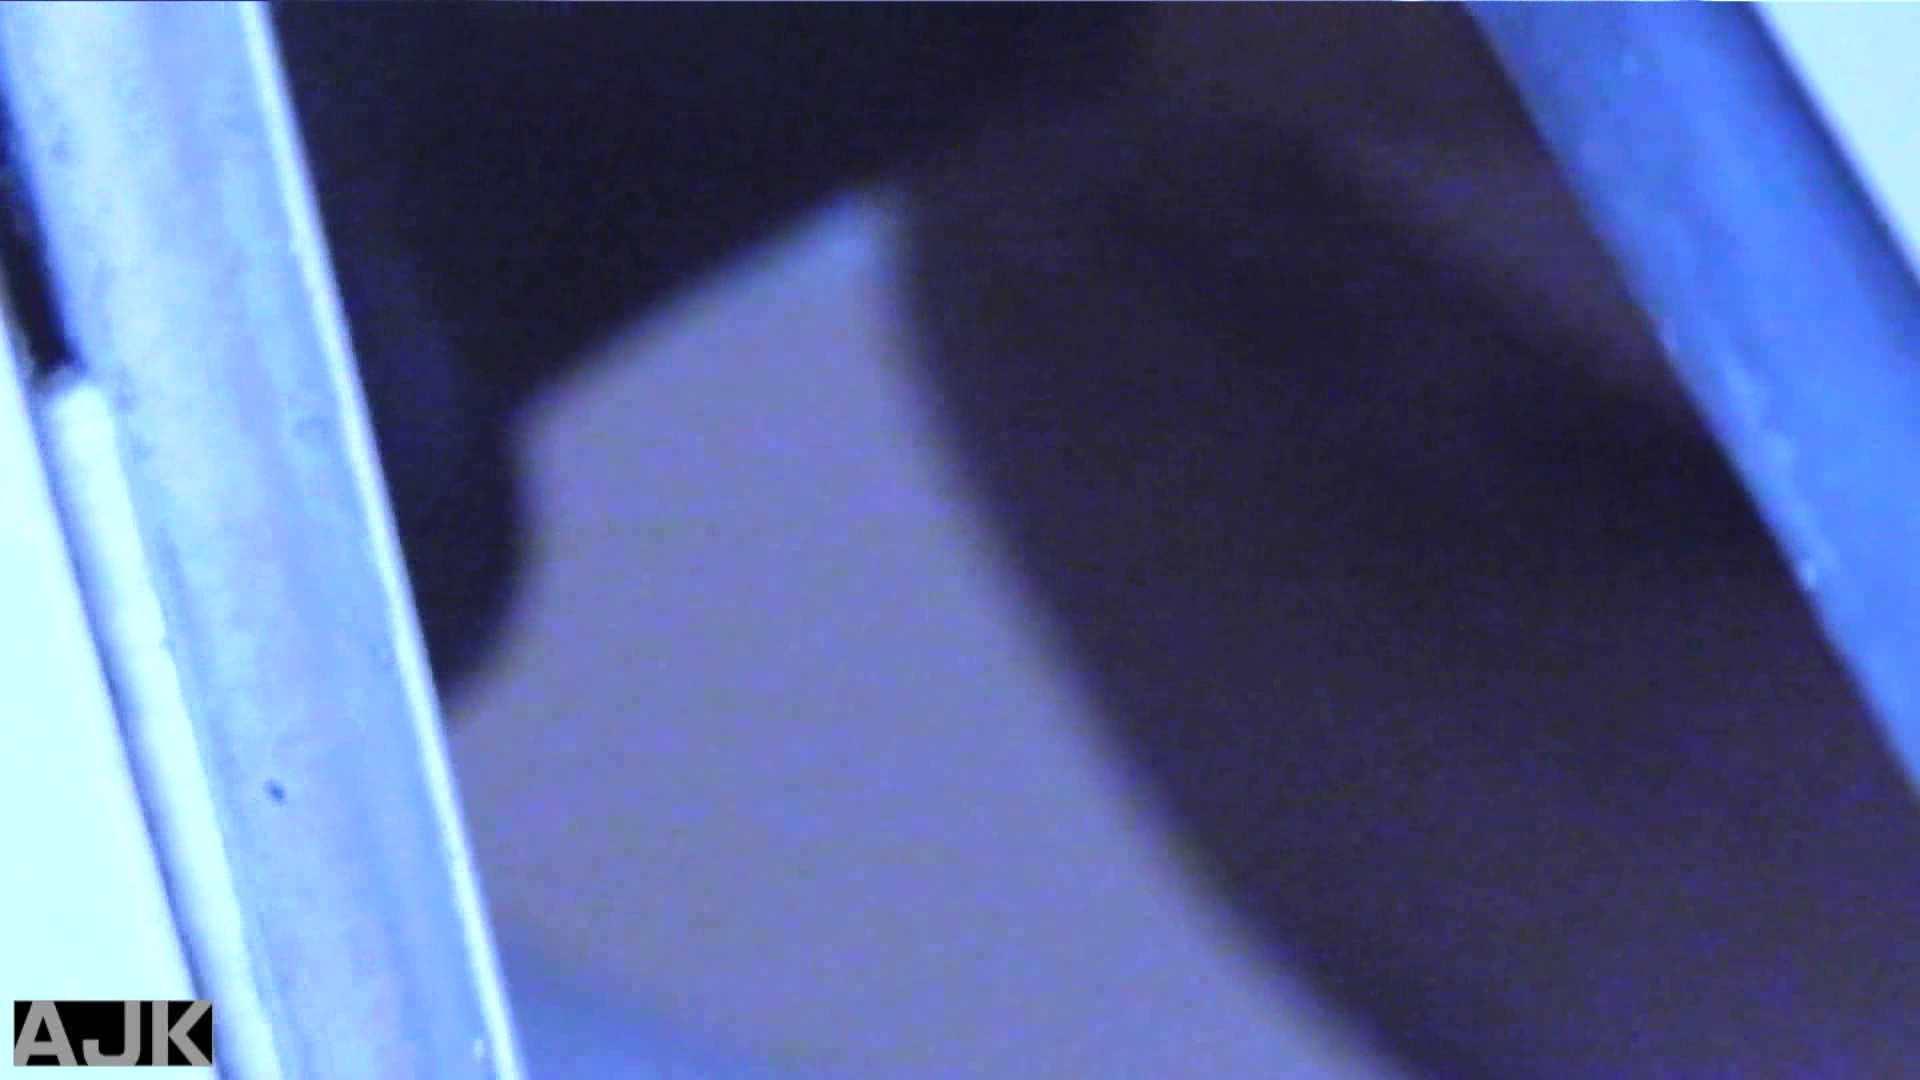 神降臨!史上最強の潜入かわや! vol.07 盗撮師作品 おまんこ無修正動画無料 94pic 66